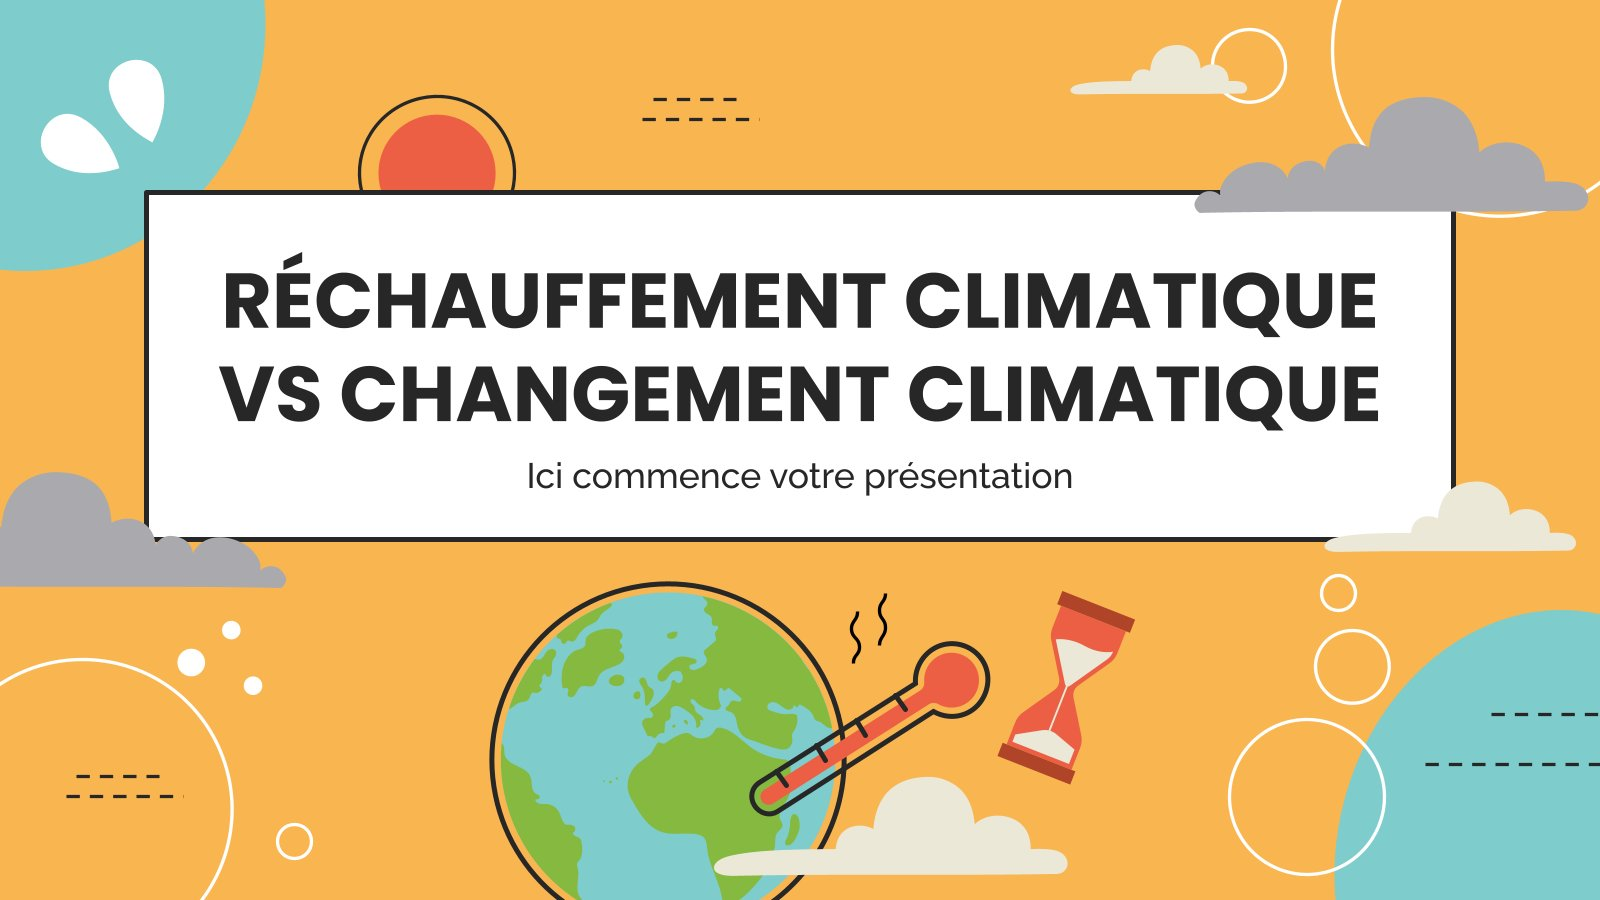 Réchauffement climatique vs changement climatique presentation template